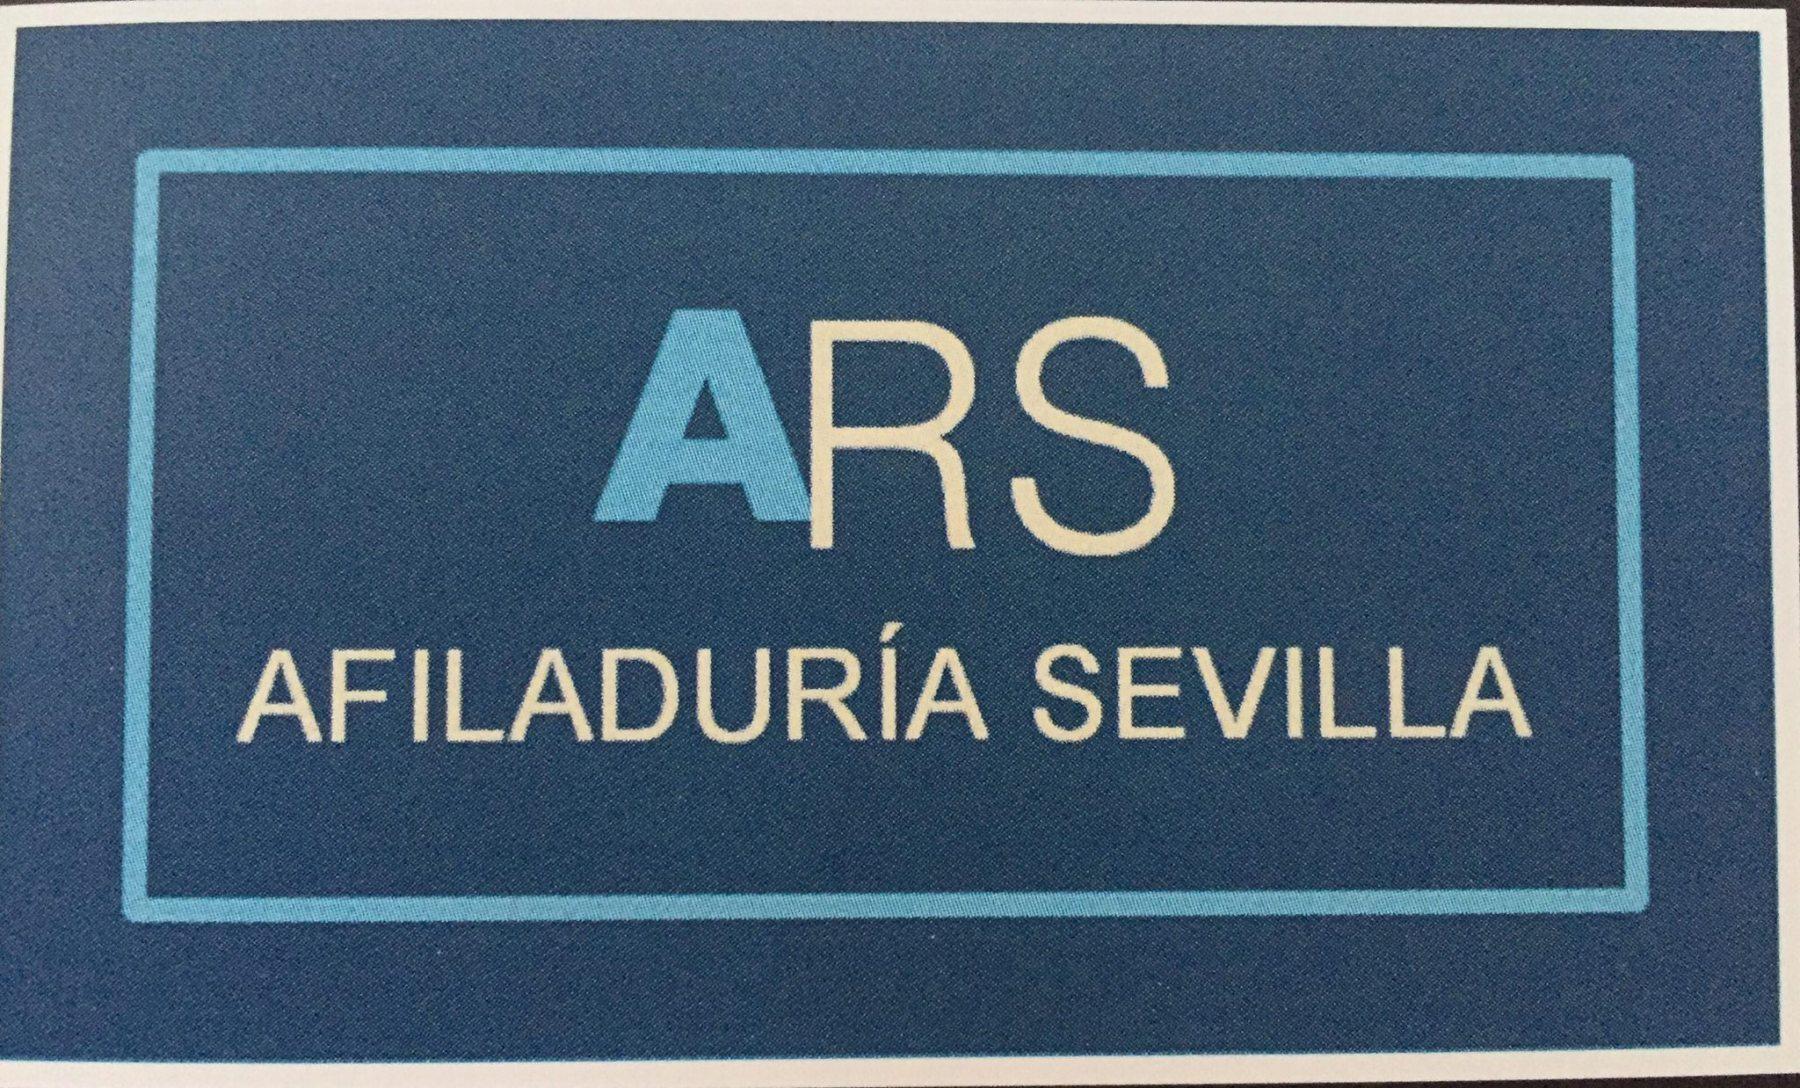 Amarillas-CR-Afiladuría-Sevilla-S.R.L-10